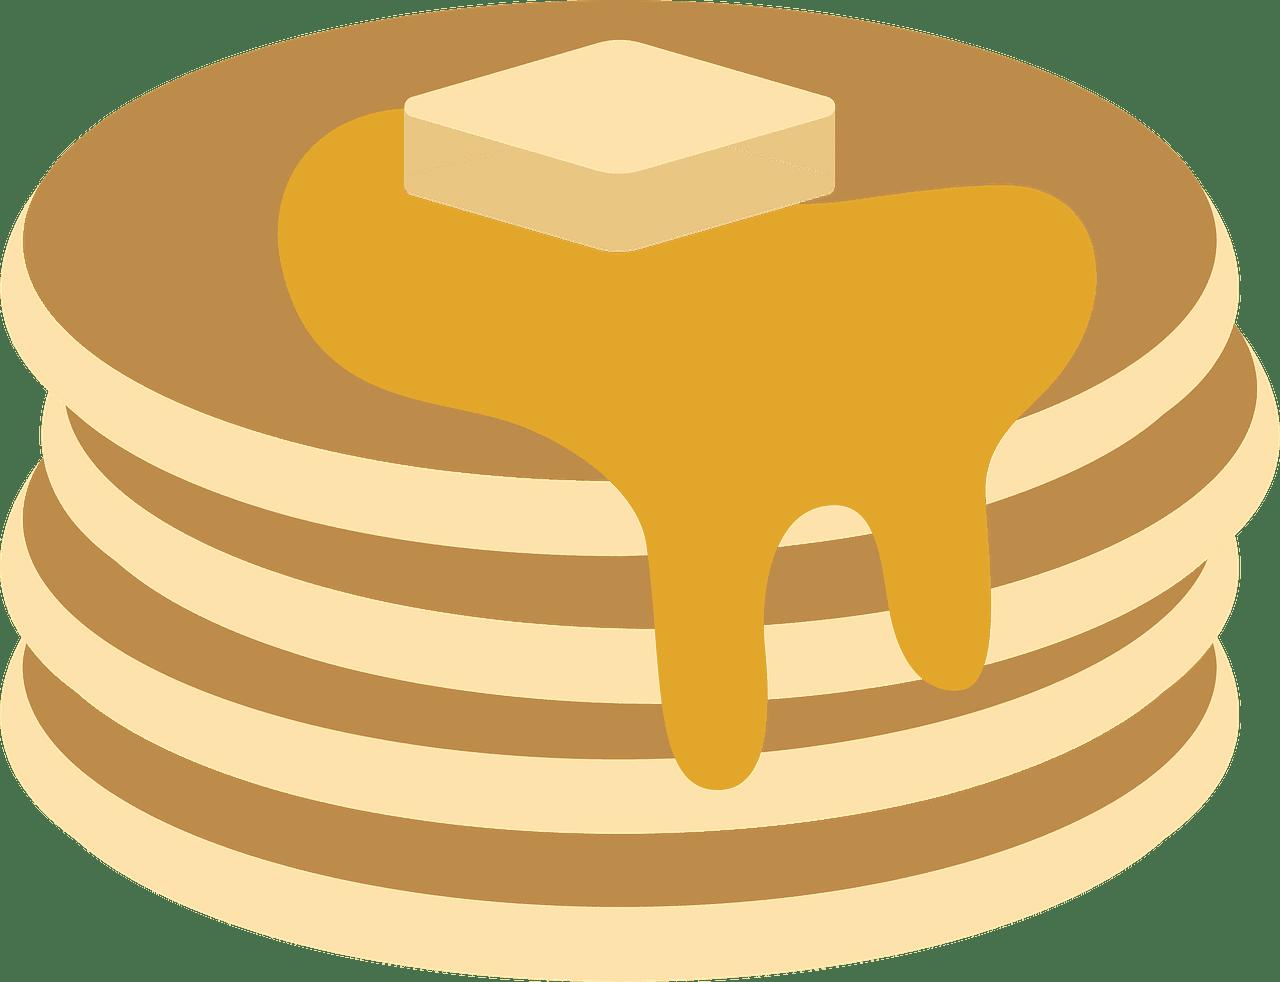 Pancakes clipart transparent 4